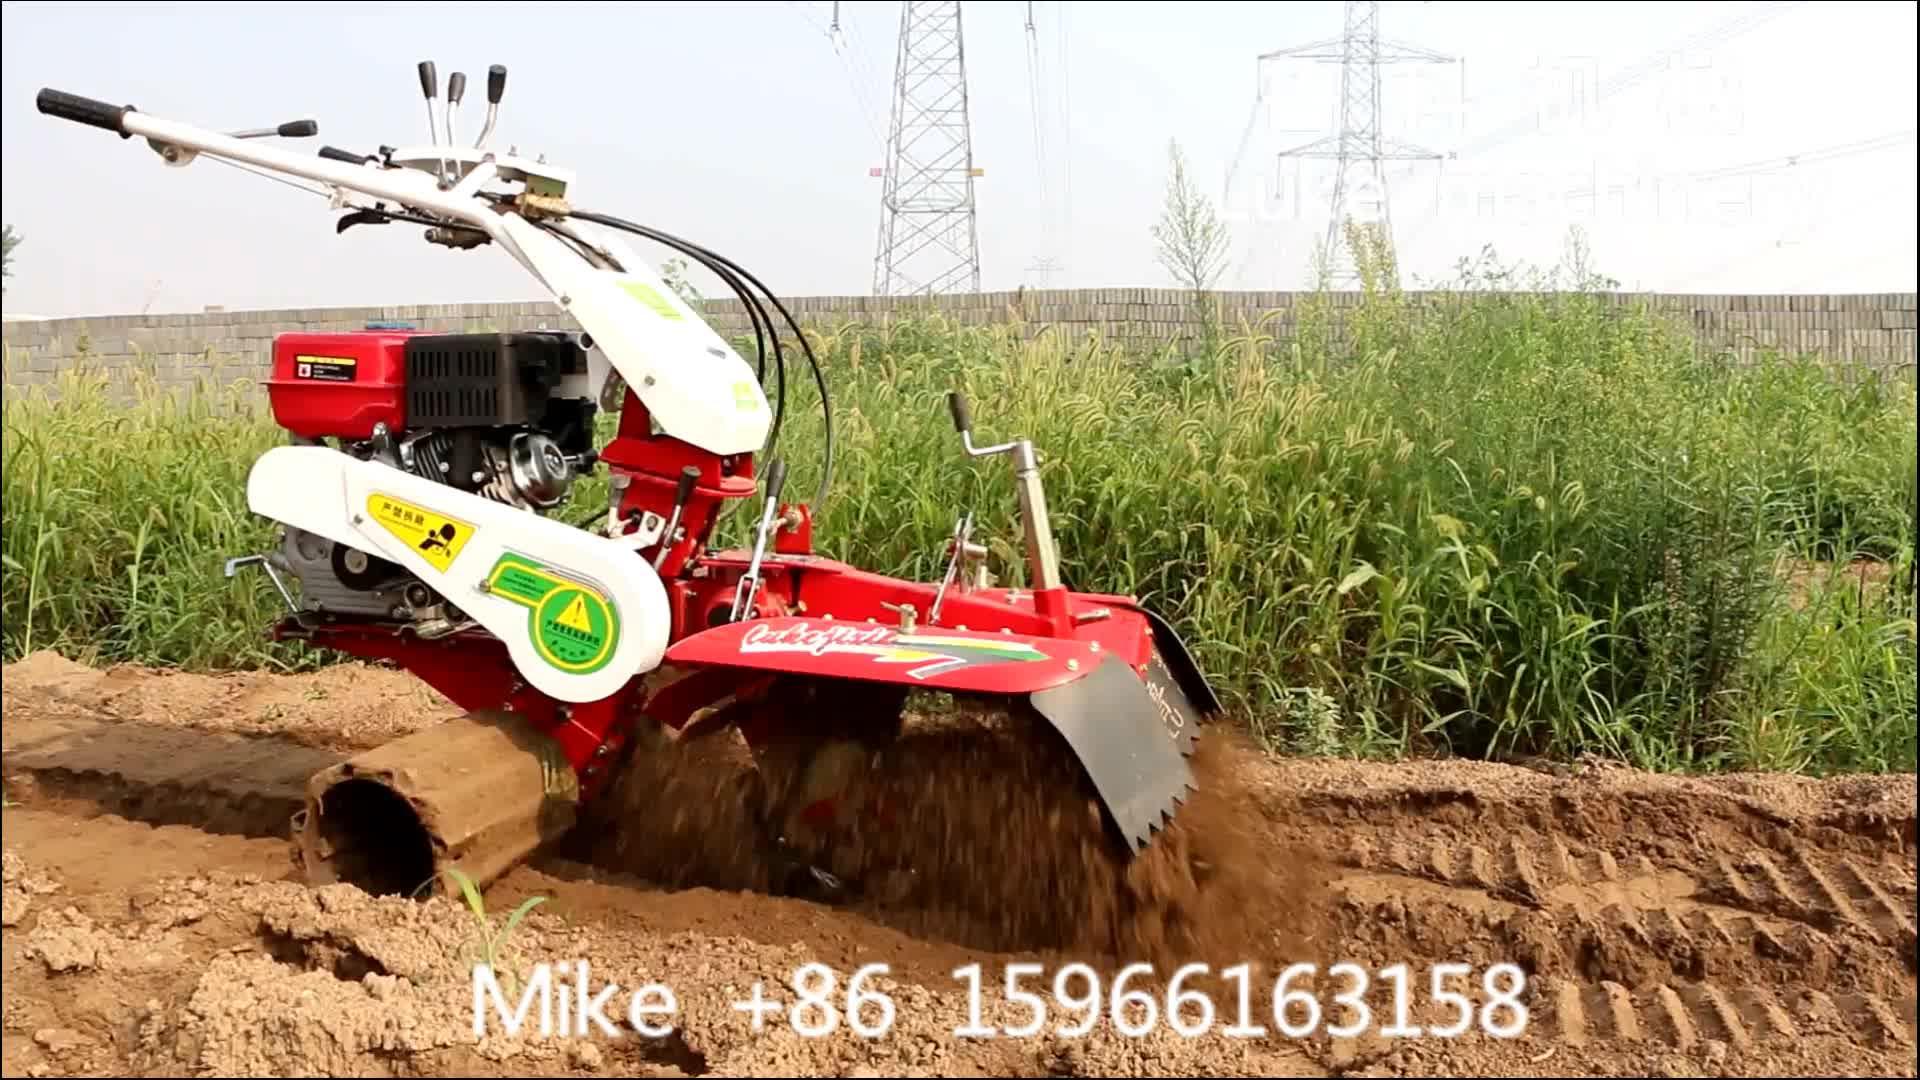 Ferramentas simples da exploração agrícola 3TG-6YP com rebento giratório / ridger / ditcher / hilling up / mulch filme e semeador para venda